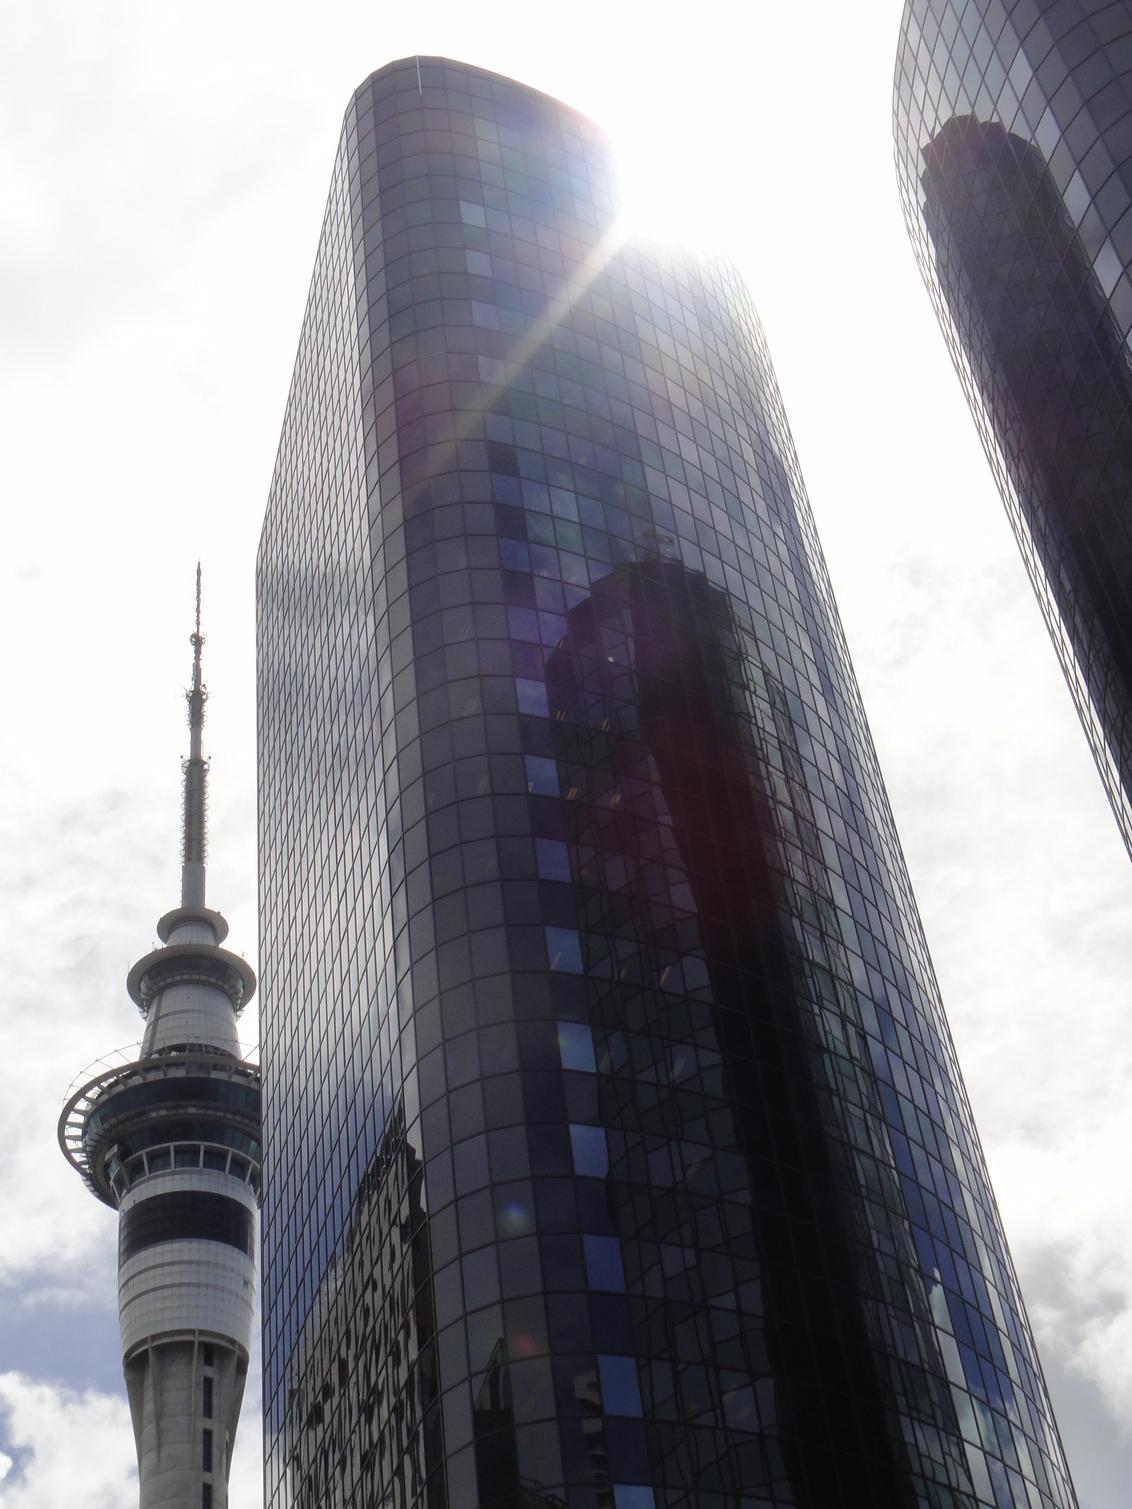 Auckland - Foto van de architectuur  in Auckland. Links zie je de beroemde Sky-city toren. - foto door Krulkoos op 24-02-2015 - deze foto bevat: blauw, zon, abstract, architectuur, gebouw, wolkenkrabber, auckland, wolkenkrabbers, nz, nieuw zeeland